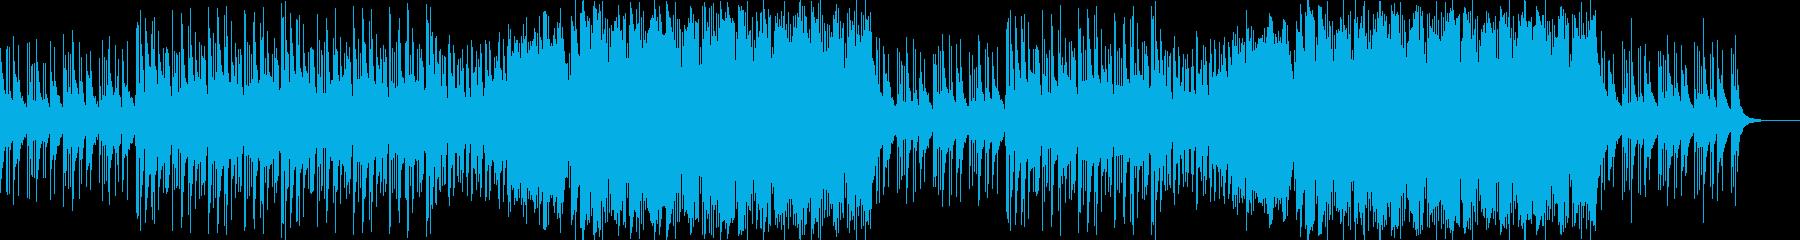 和風・爽やかなFuture Bassの再生済みの波形